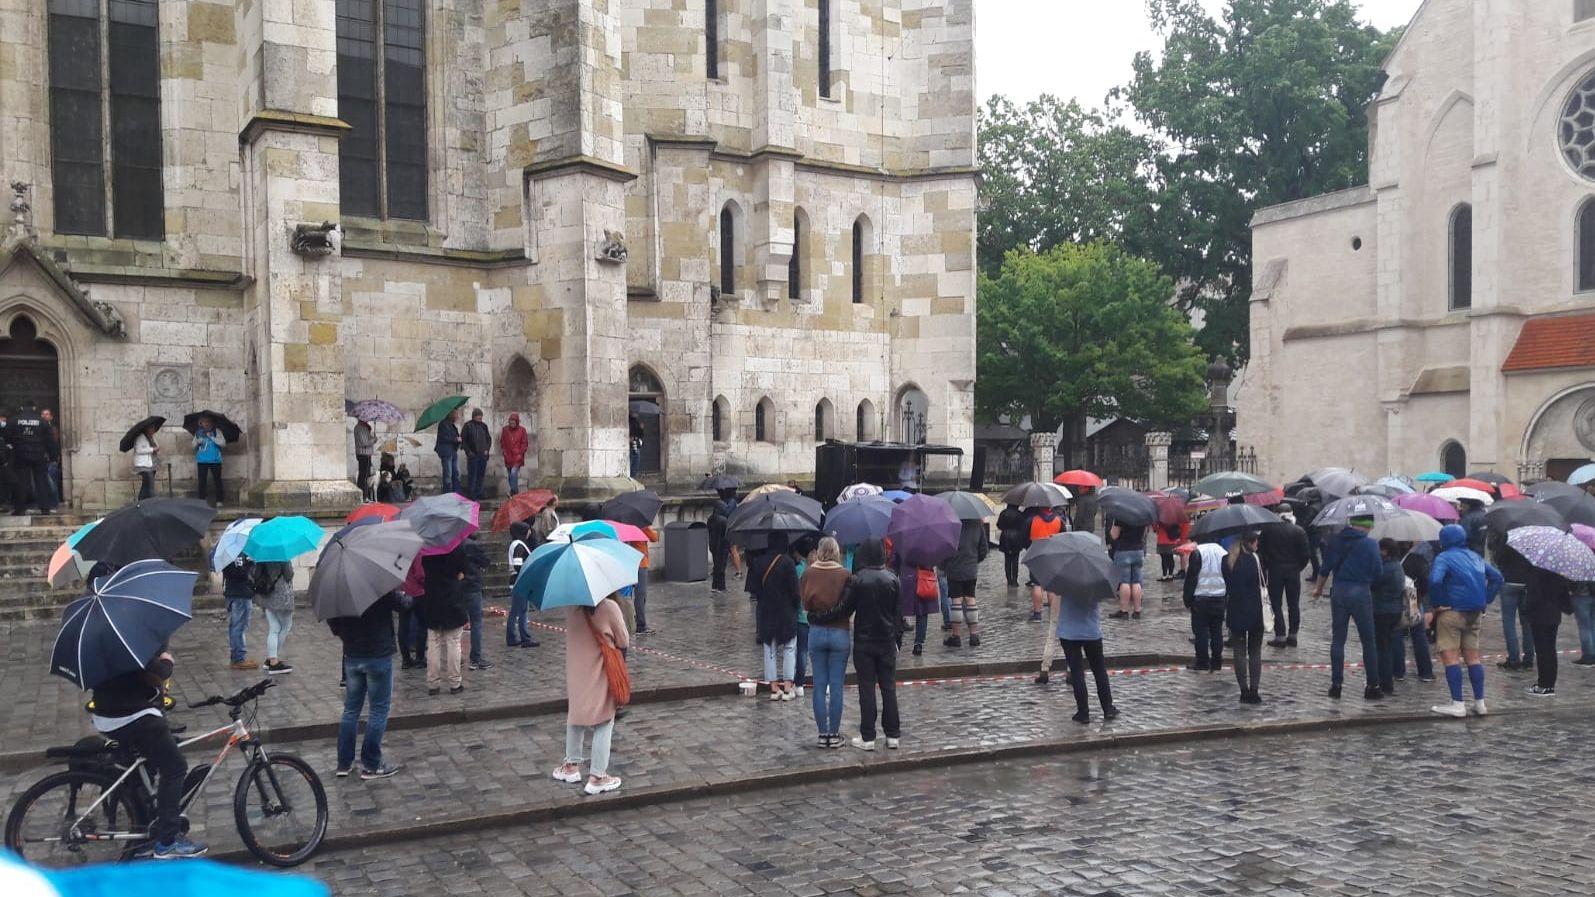 Kundgebung gegen die aktuelle Corona-Politik auf dem Domplatz in Regensburg